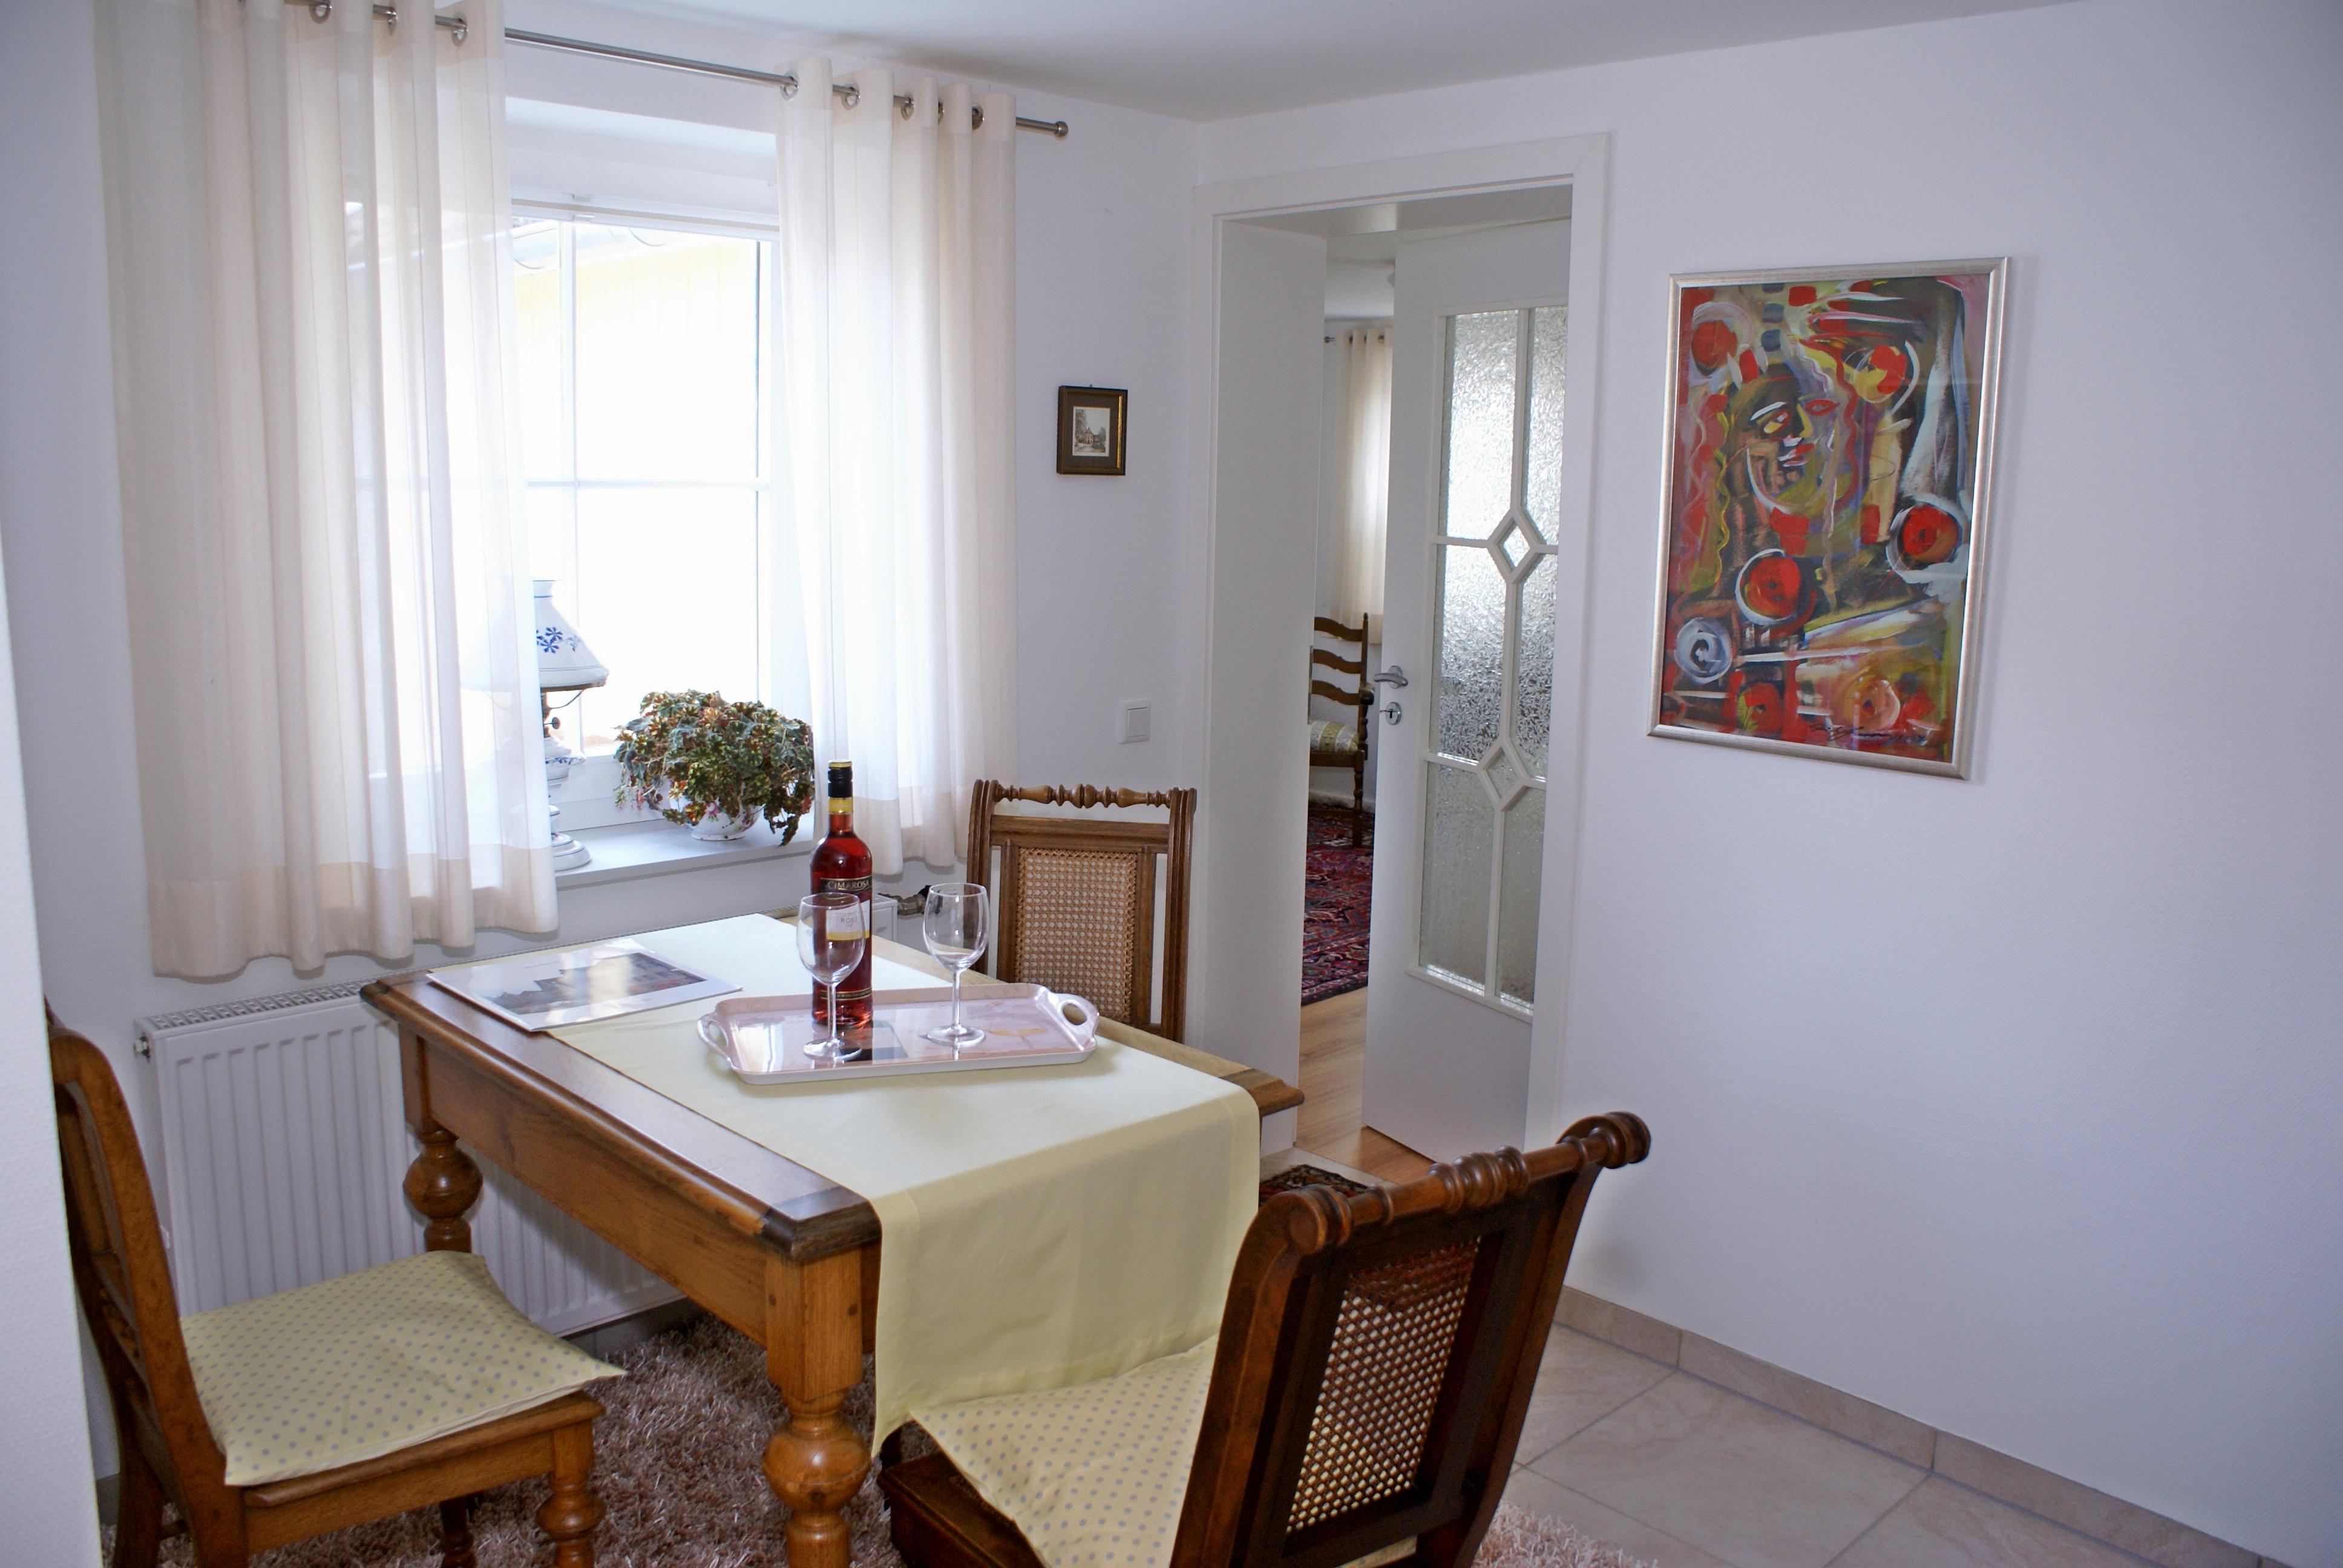 Ferienwohnung Hesselstudio, (Warendorf-Milte). Appartement, 42 qm , 1-3 Pers. (1061623), Warendorf, Münsterland, Nordrhein-Westfalen, Deutschland, Bild 9